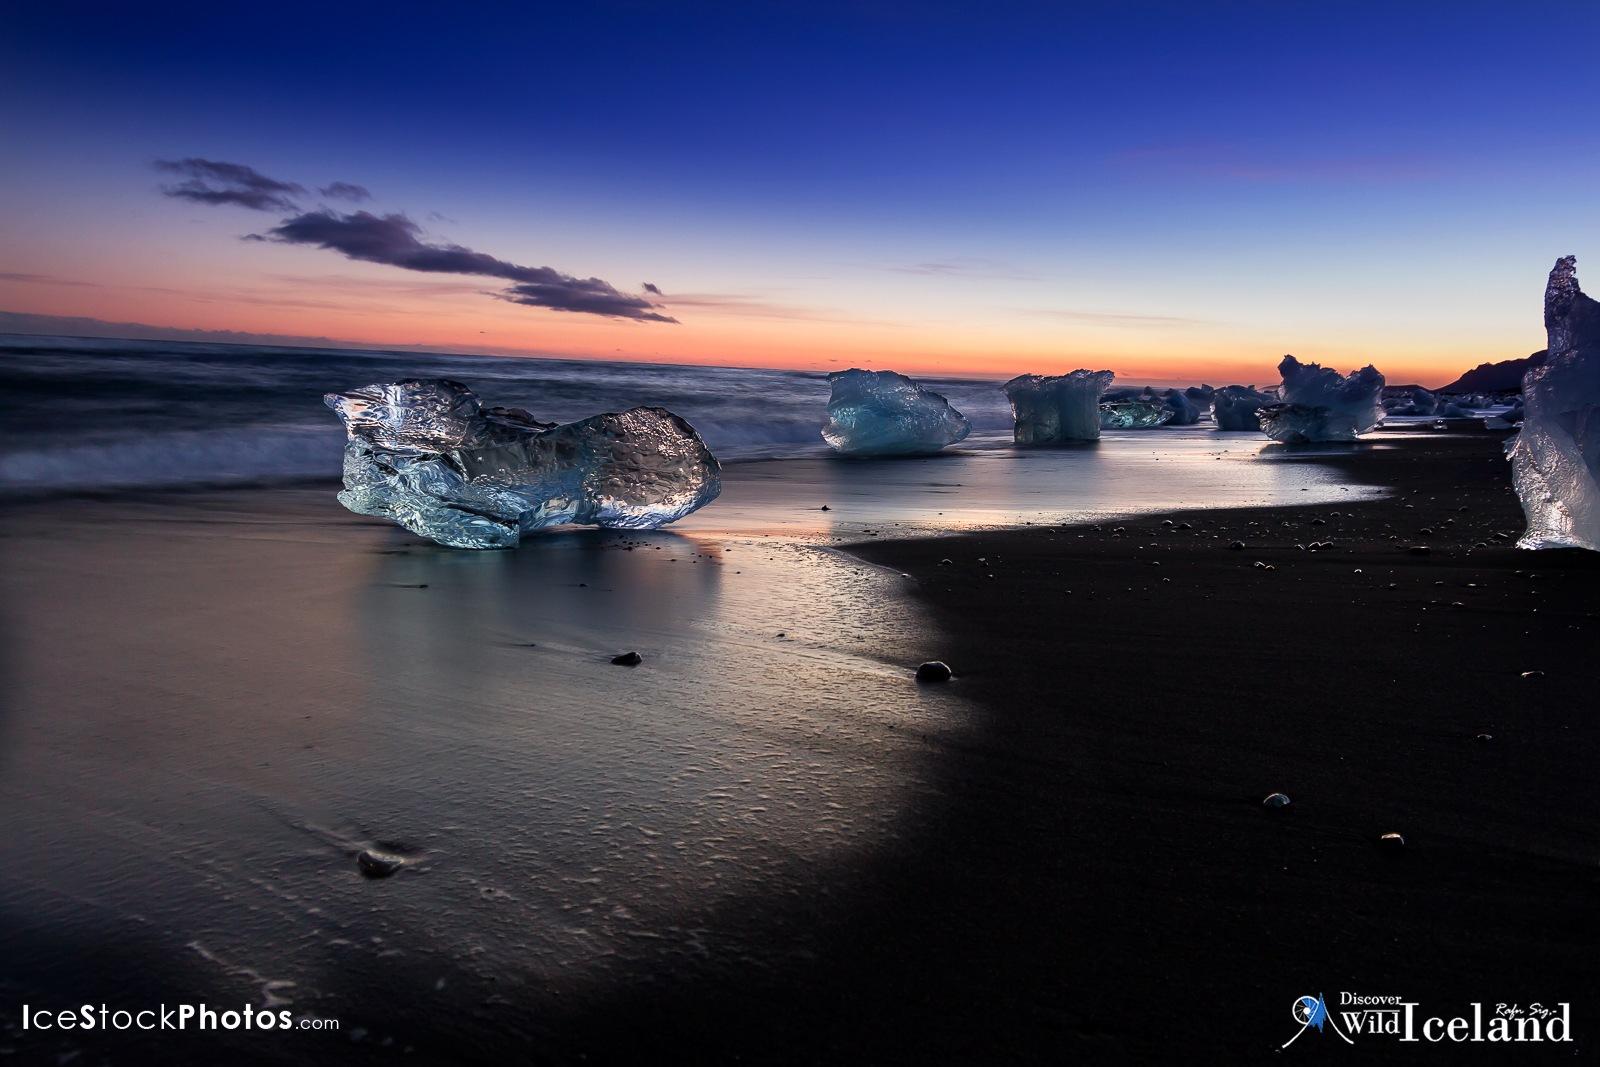 Jökulsárlón beach in the twilight by Rafn Sig,-  @ Discover Wild Iceland.com